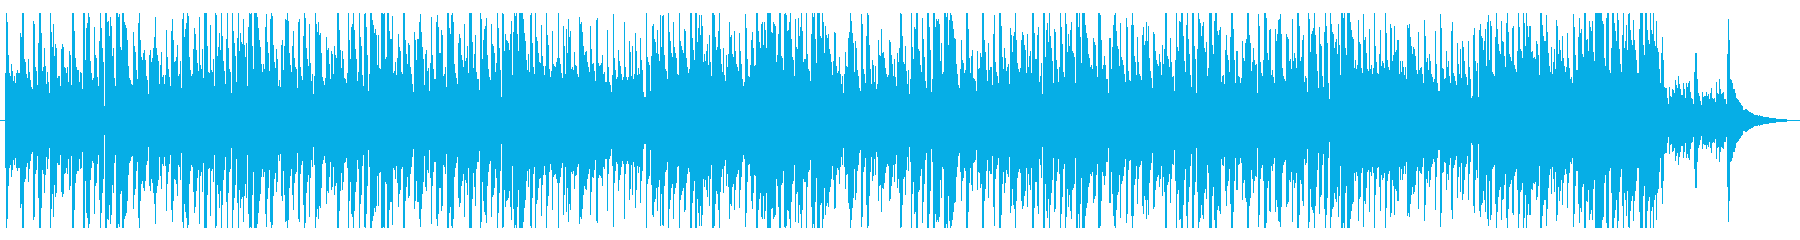 ティンホイッスル・ゲーム・アニメ・ドラマの再生済みの波形